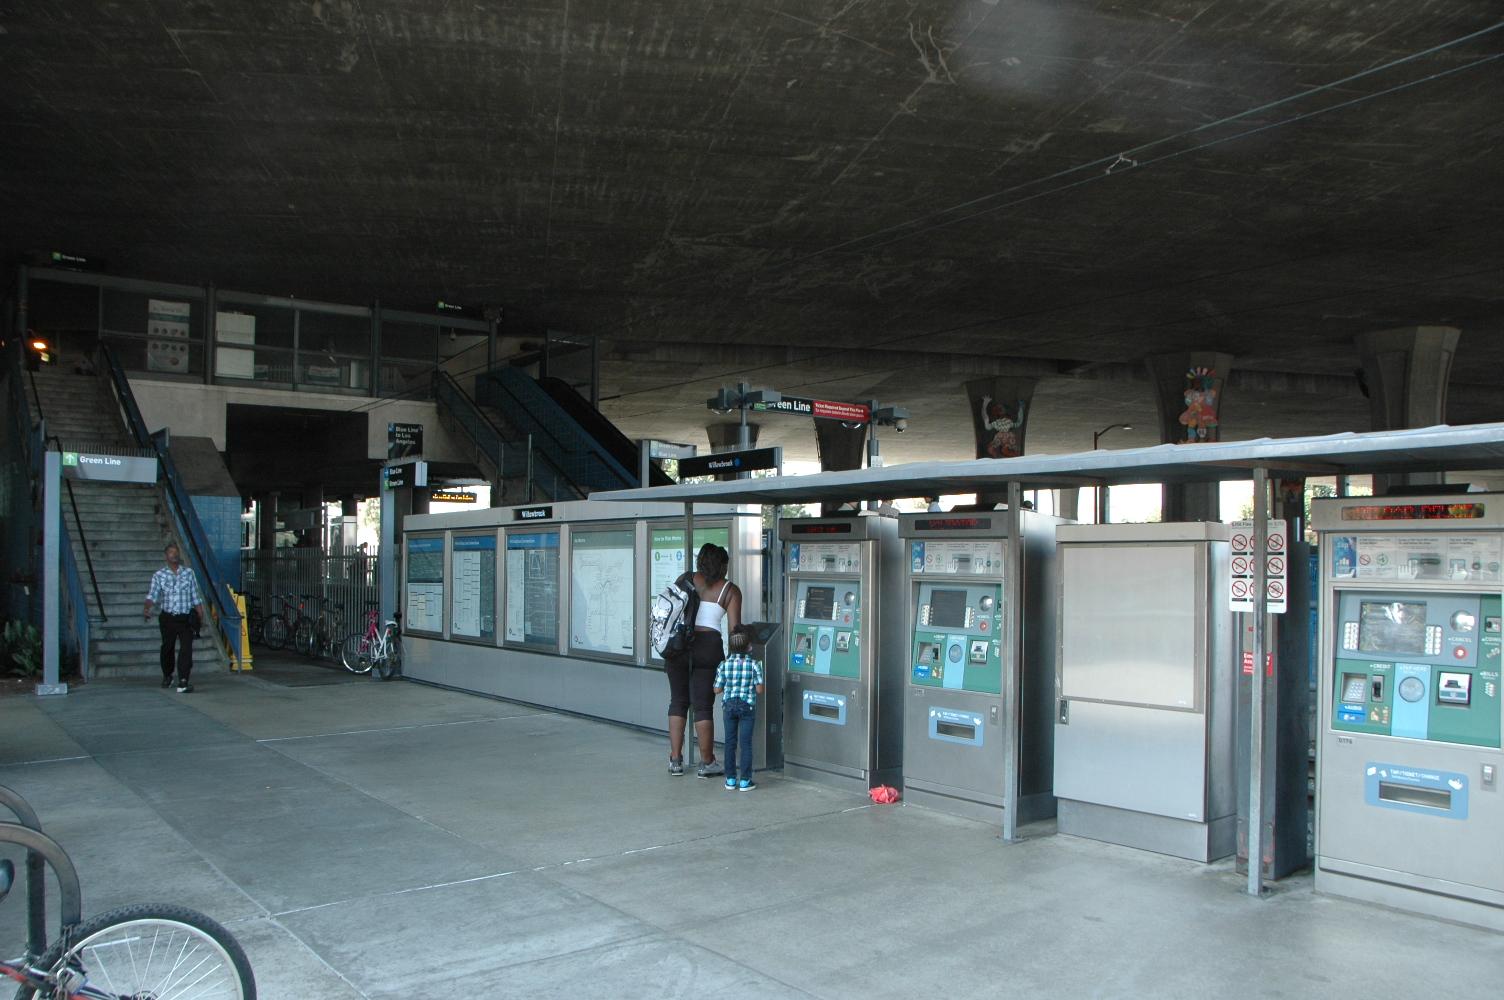 Estación Willowbrook de la Línea Azul del Metro, donde pronto se iniciará la instalación de los torniquetes para entrar a las estaciones.